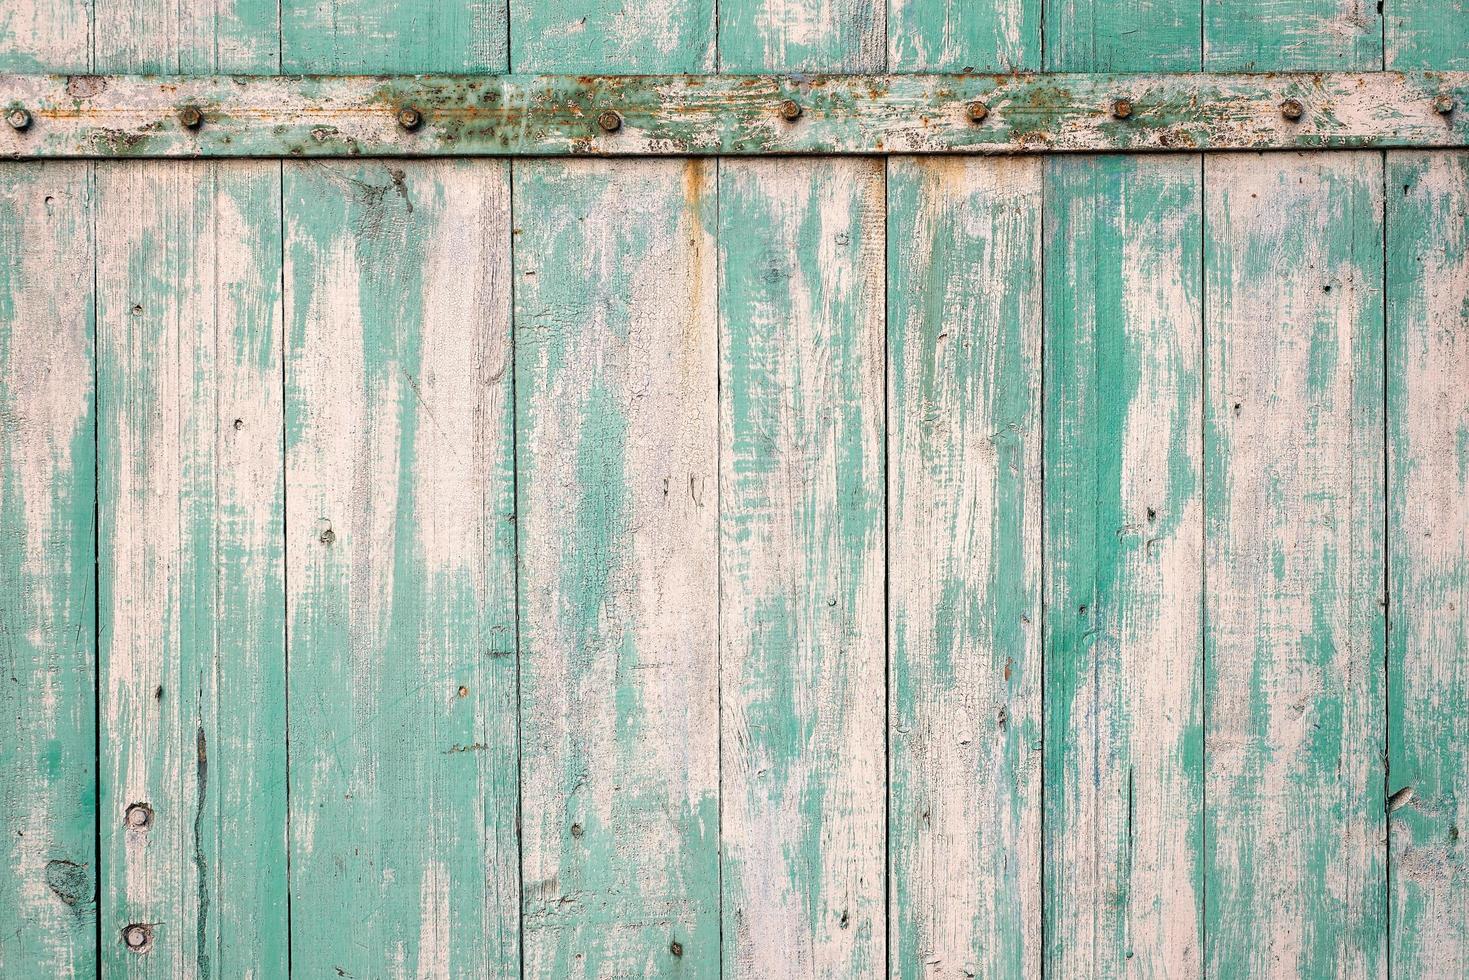 trama di legno vecchio sfondo rustico con vernice azzurro scrostata con elementi in metallo arrugginito. foto